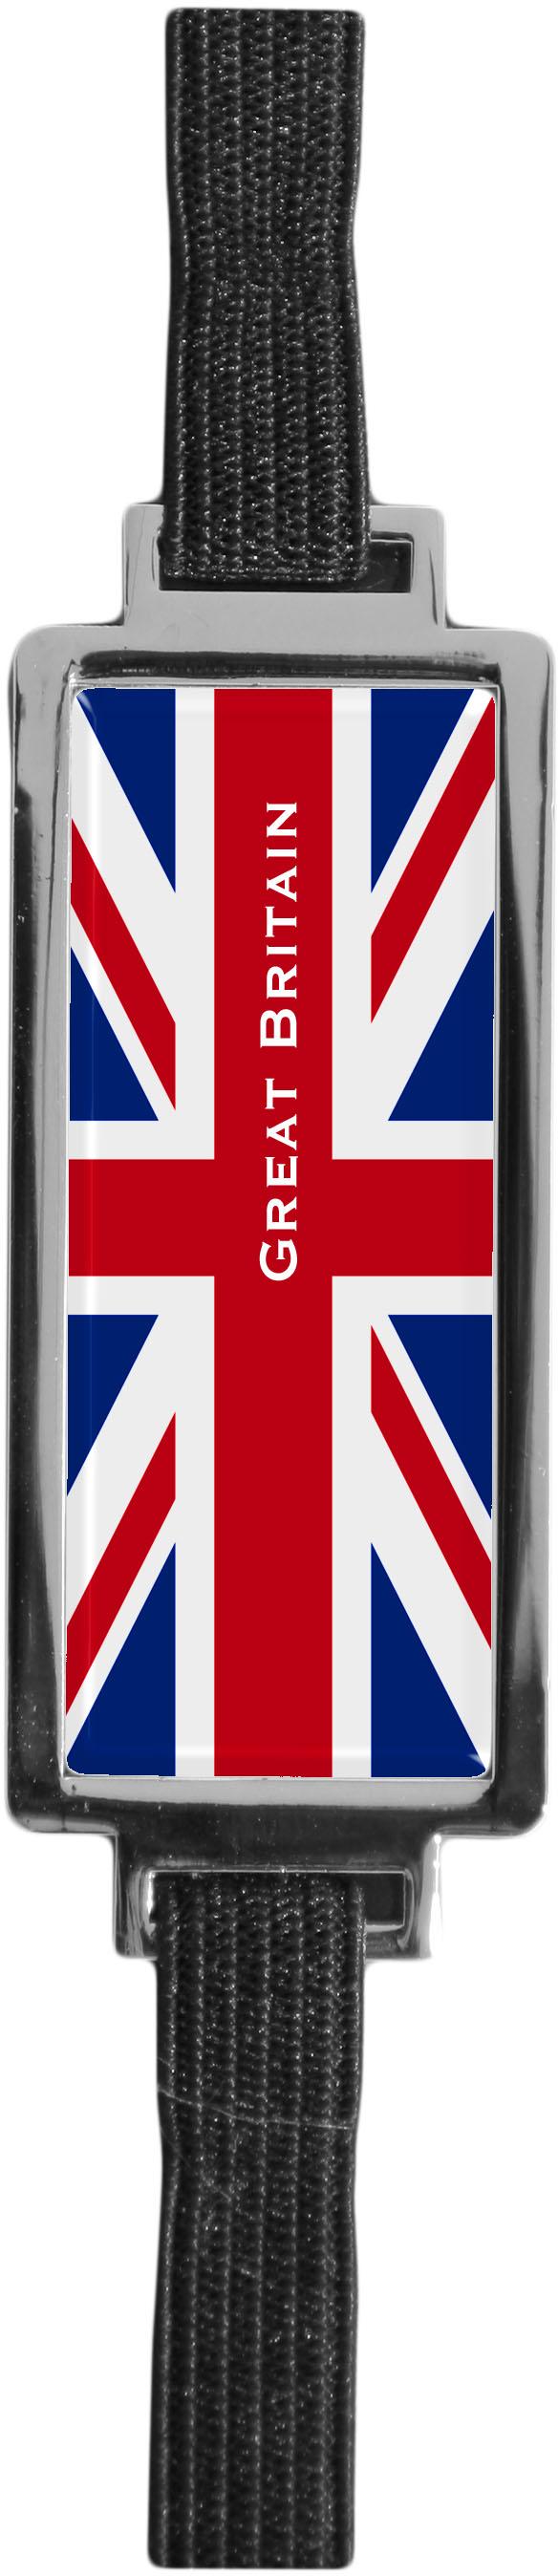 """Metall - Lesezeichen  """"Great Britain"""""""